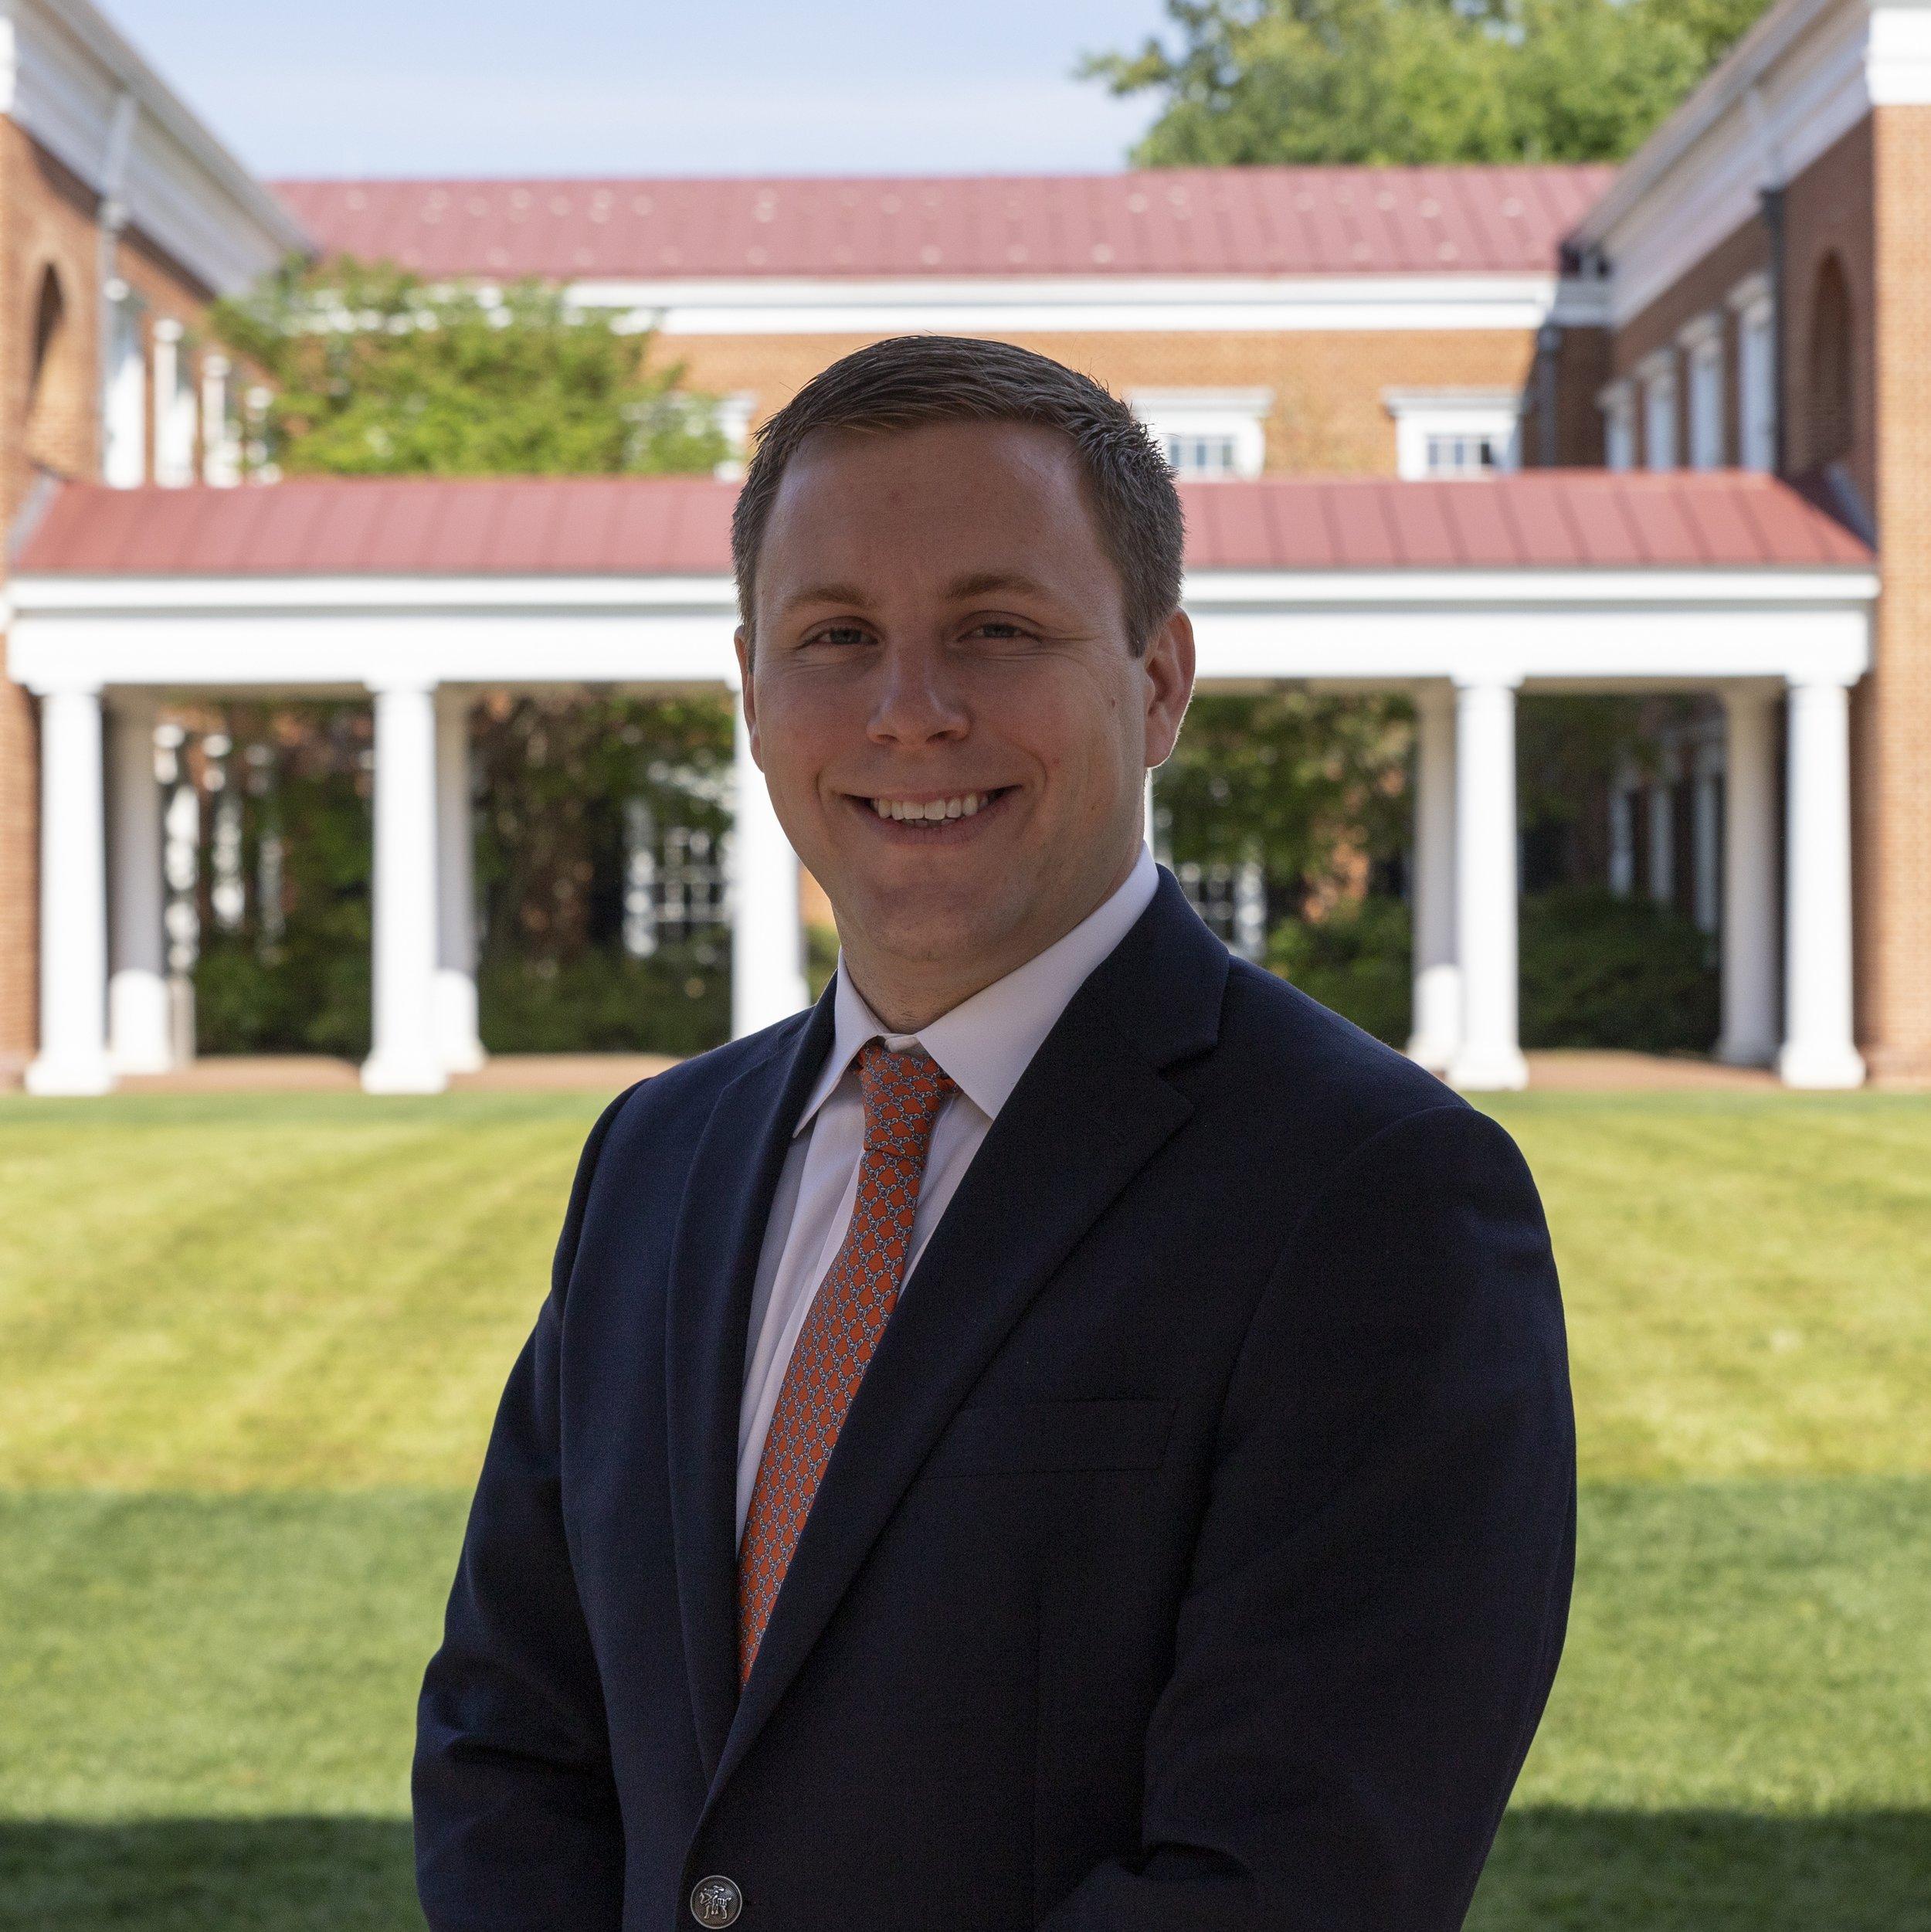 Guy Schwartz, VP Education